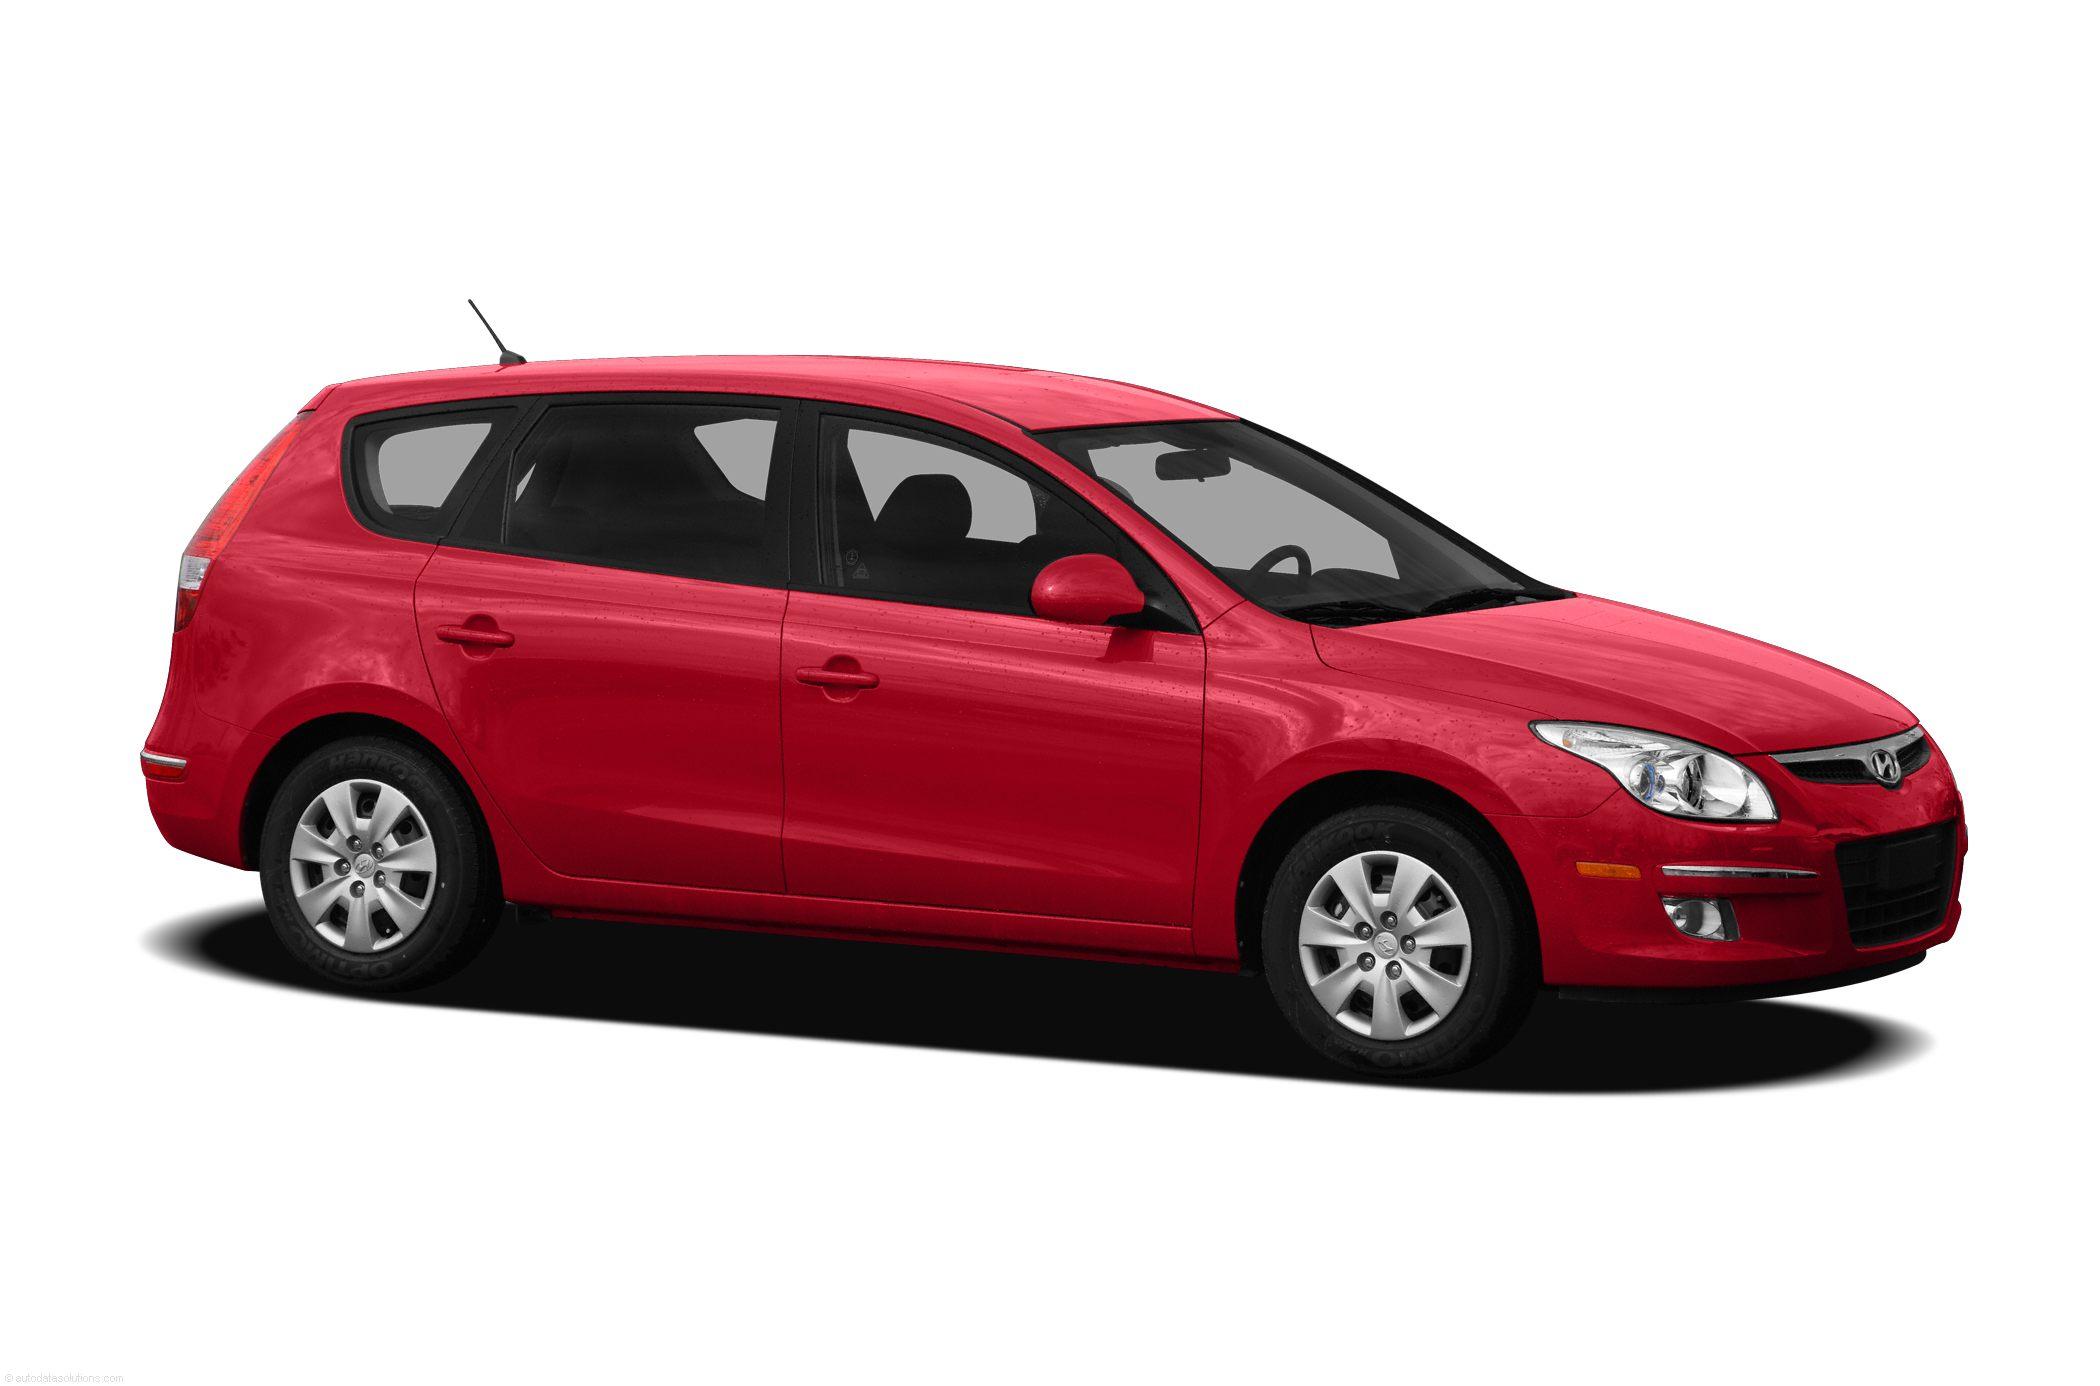 2011 Hyundai Elantra Touring Image 15